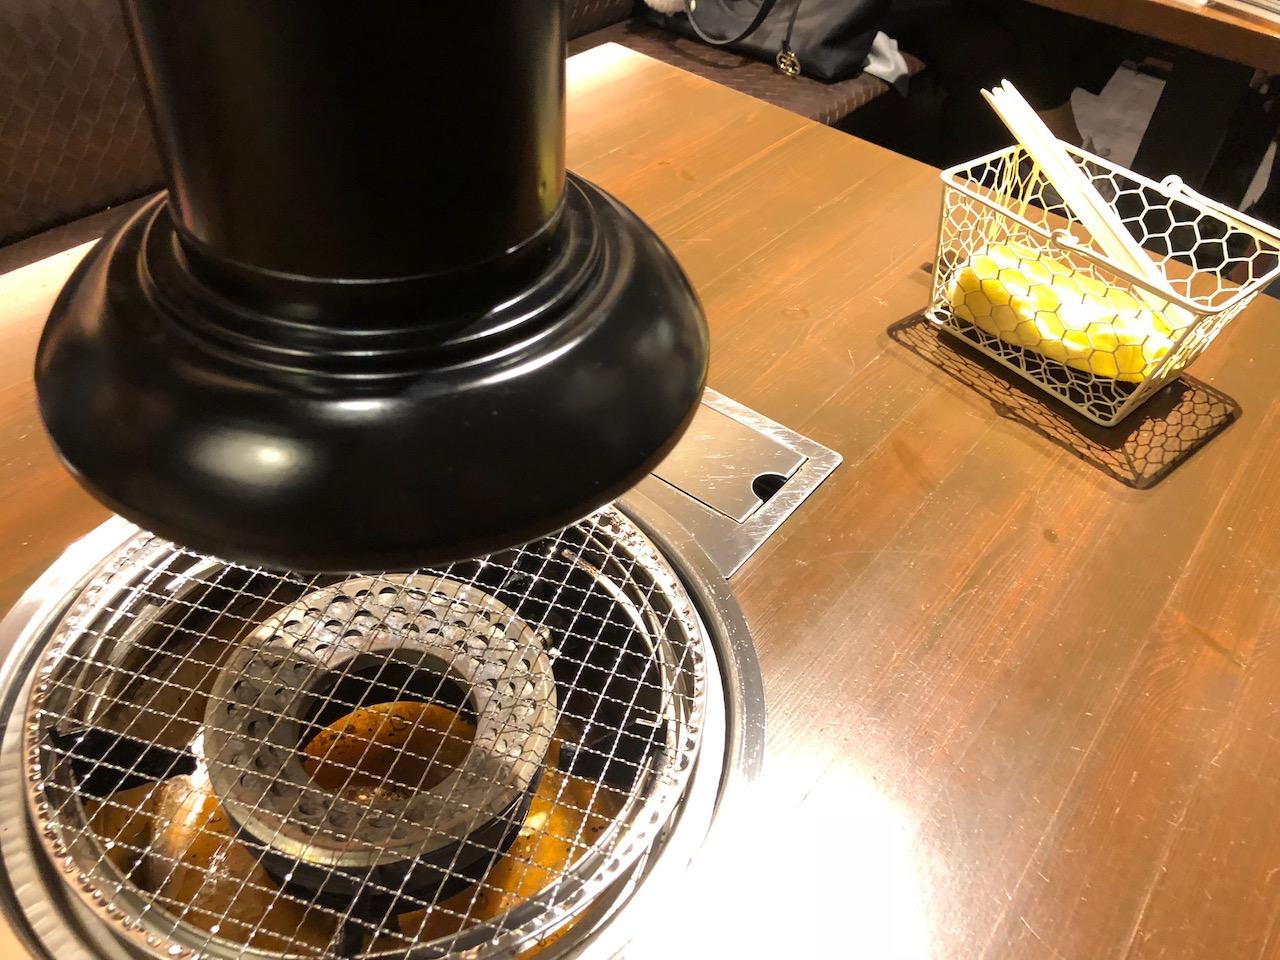 姫路駅前の激安焼肉ランチ見つけたった!コスパ最高じゃね!?